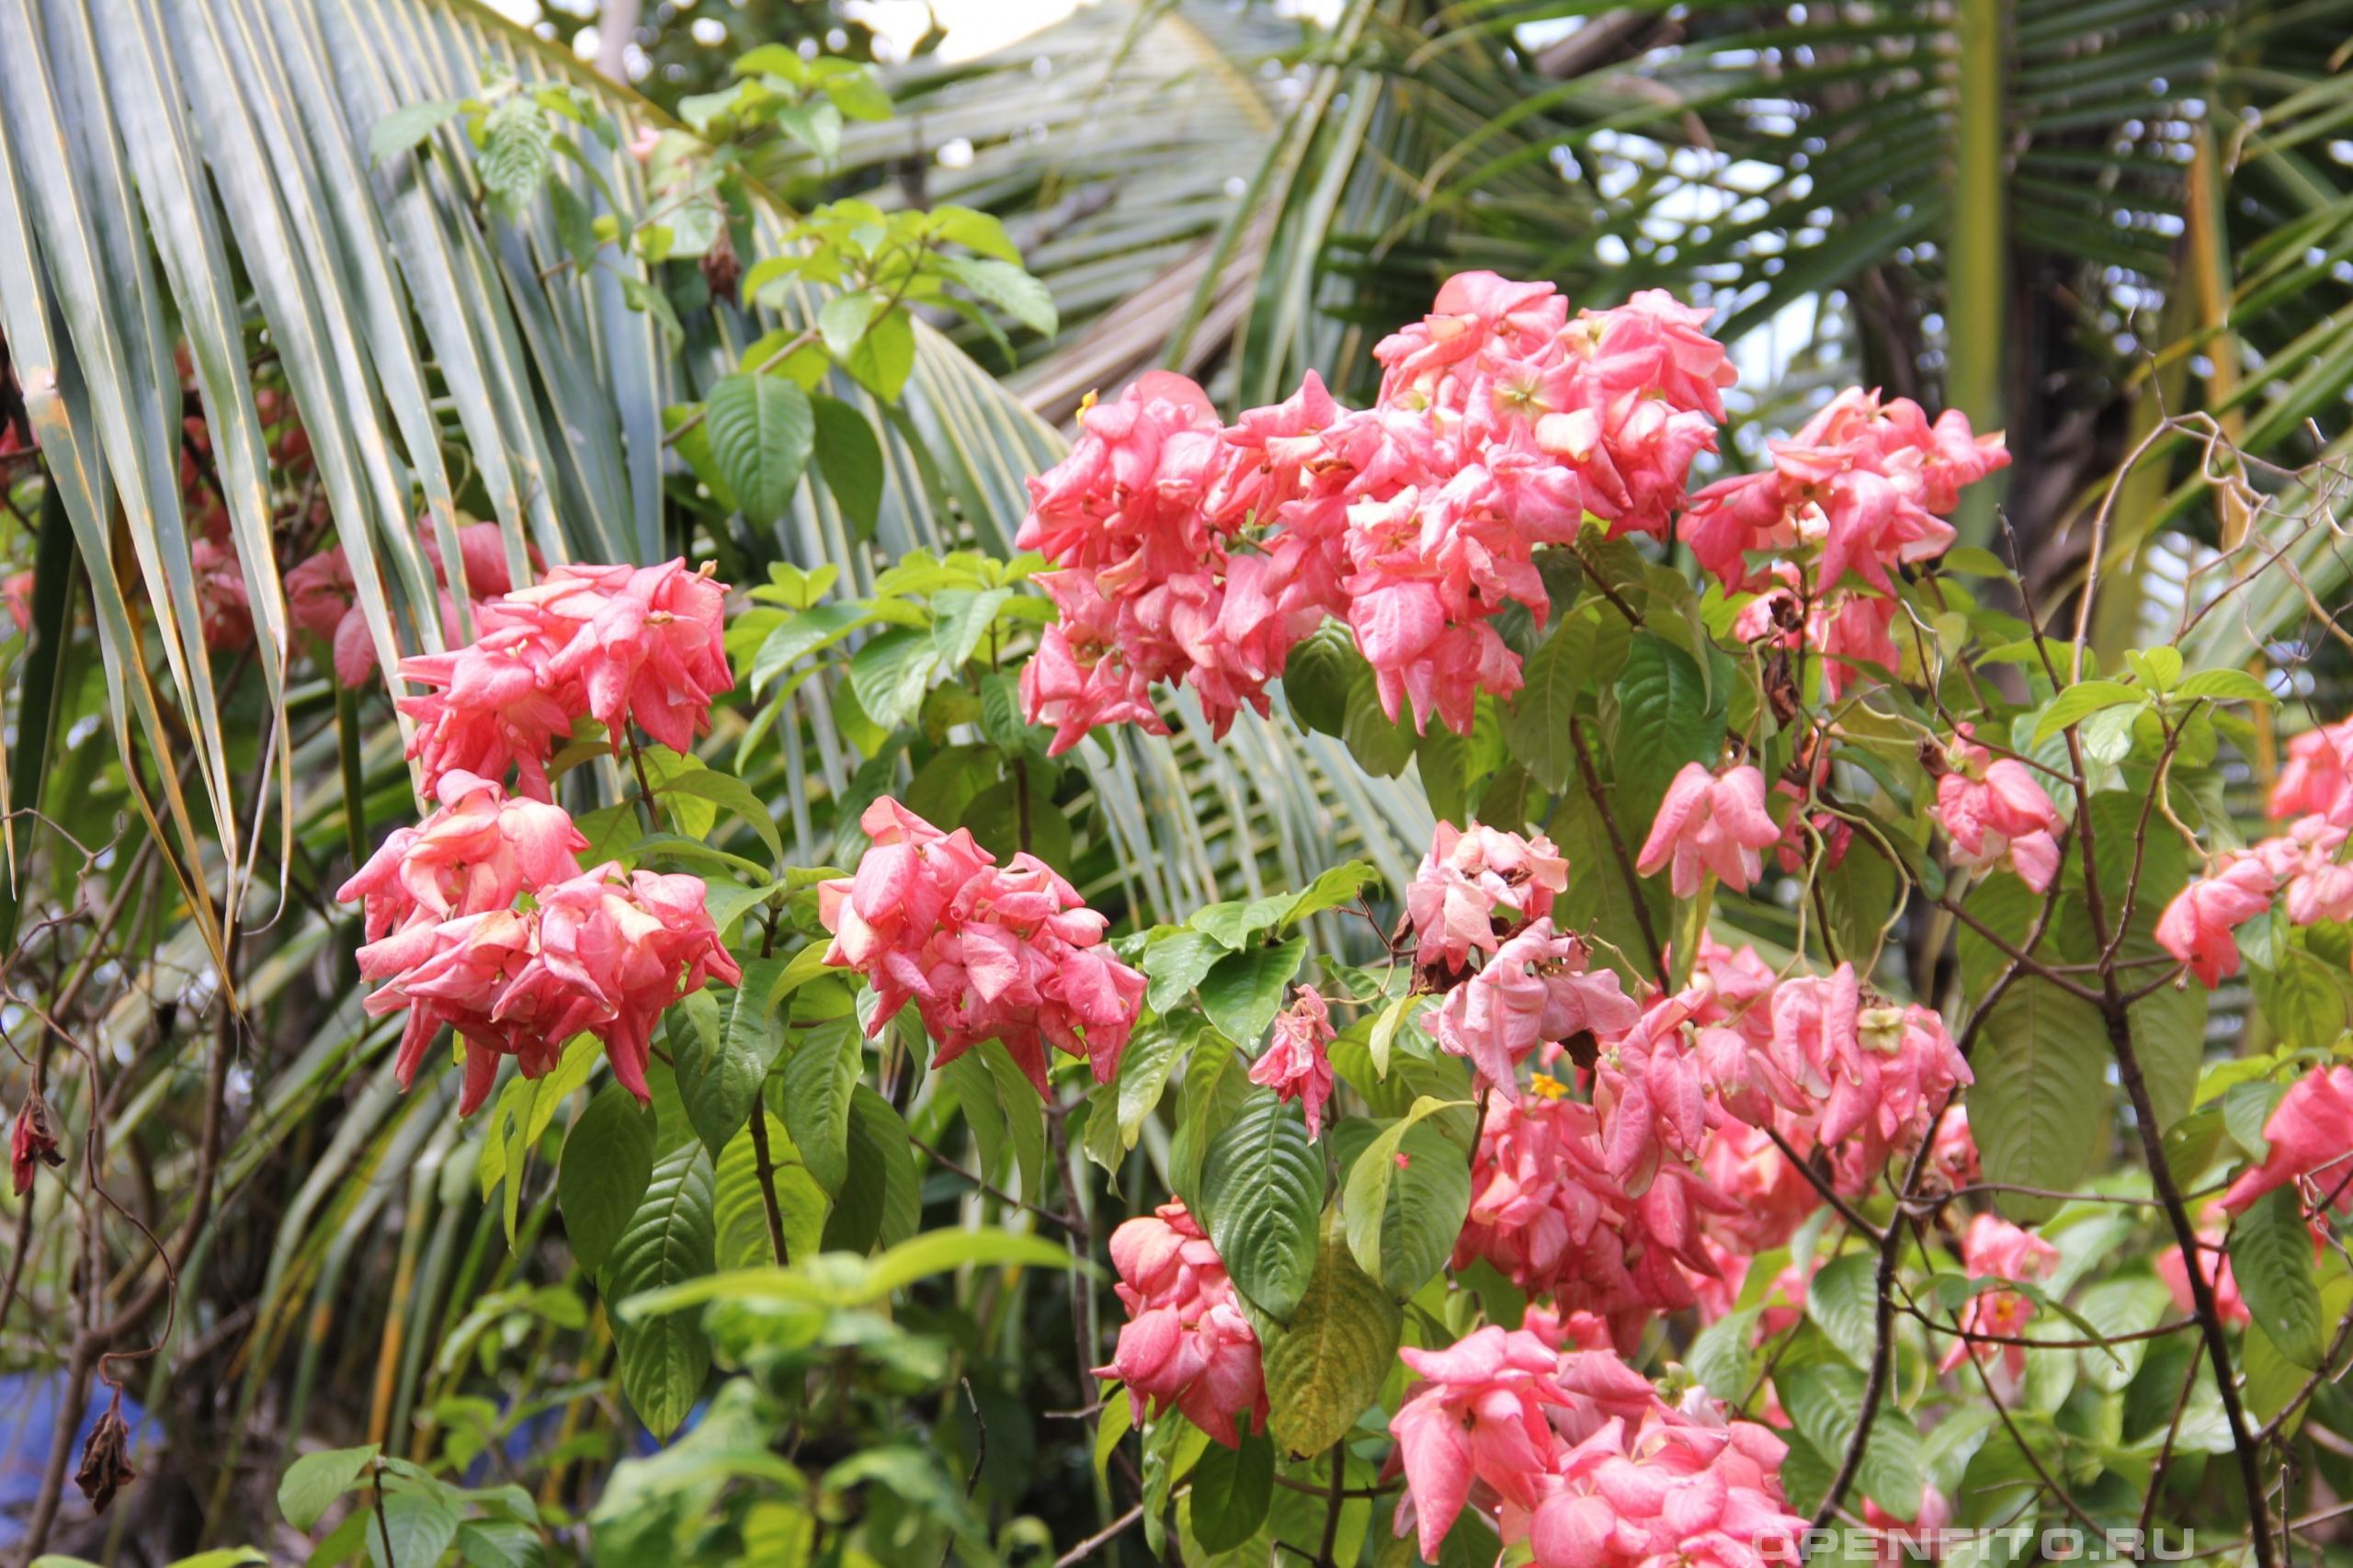 Муссенда филиппинская красивое декоративное растение